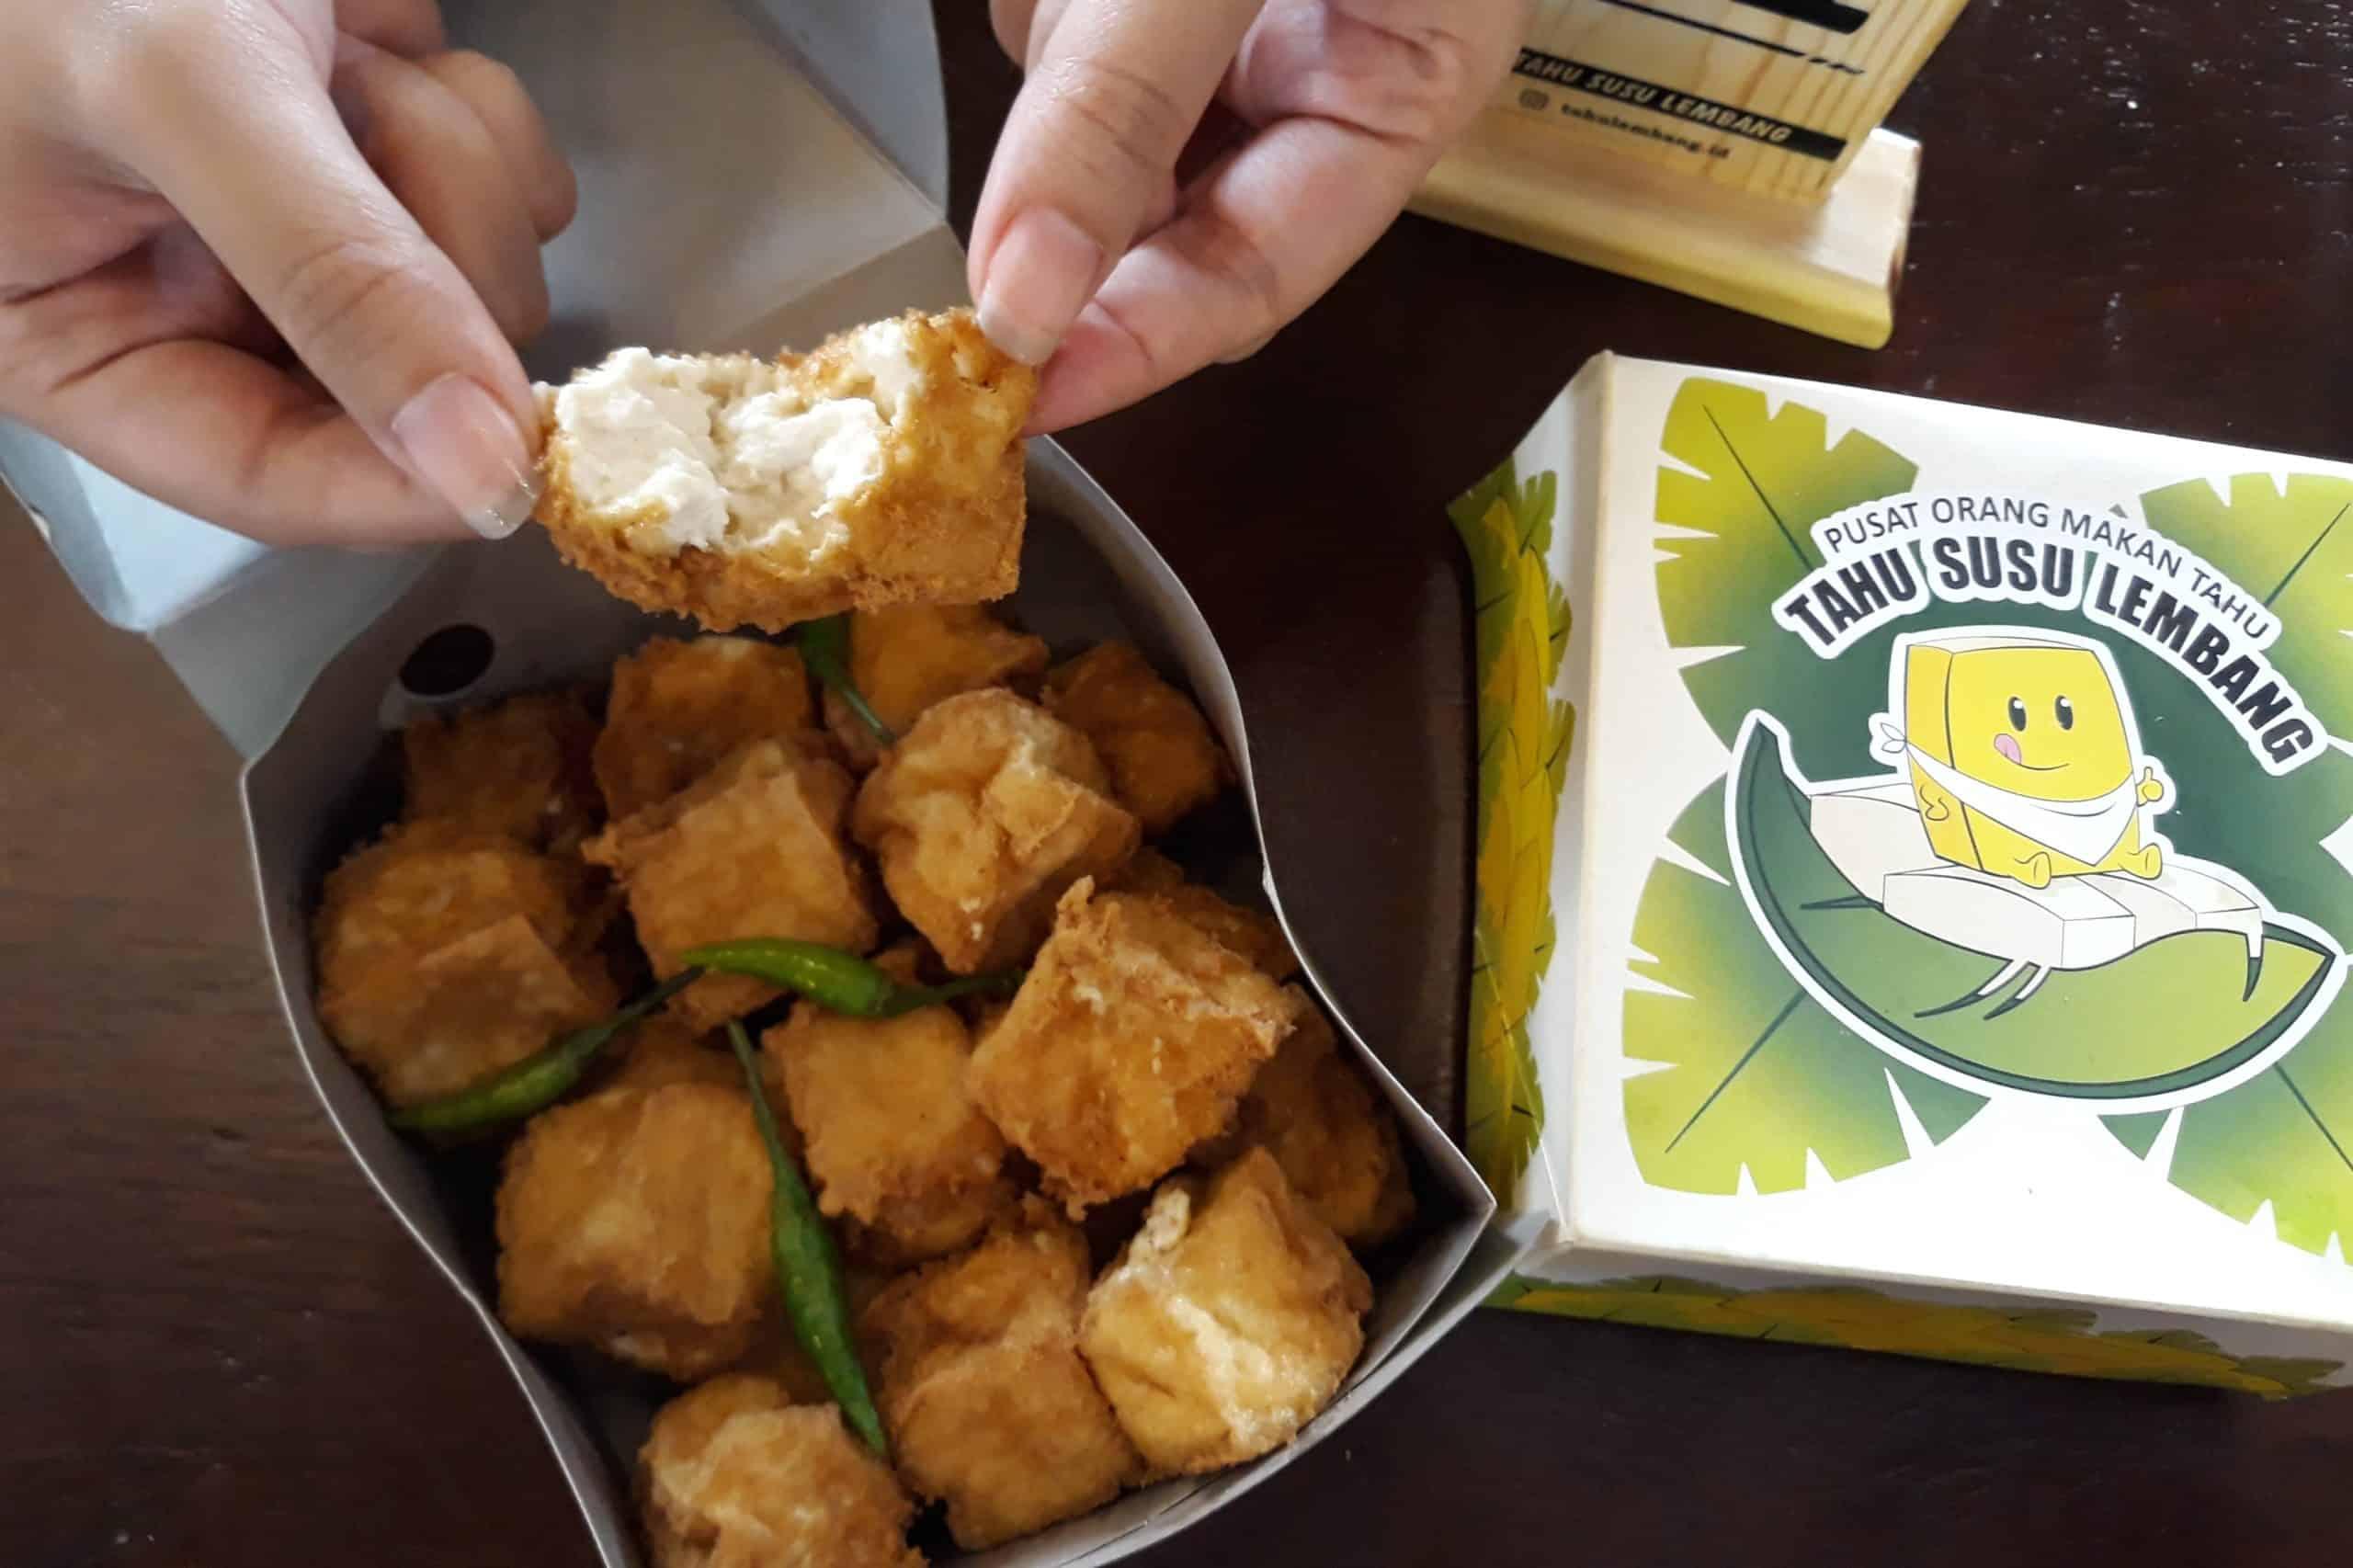 gambar makanan khas bandung Tahu Susu